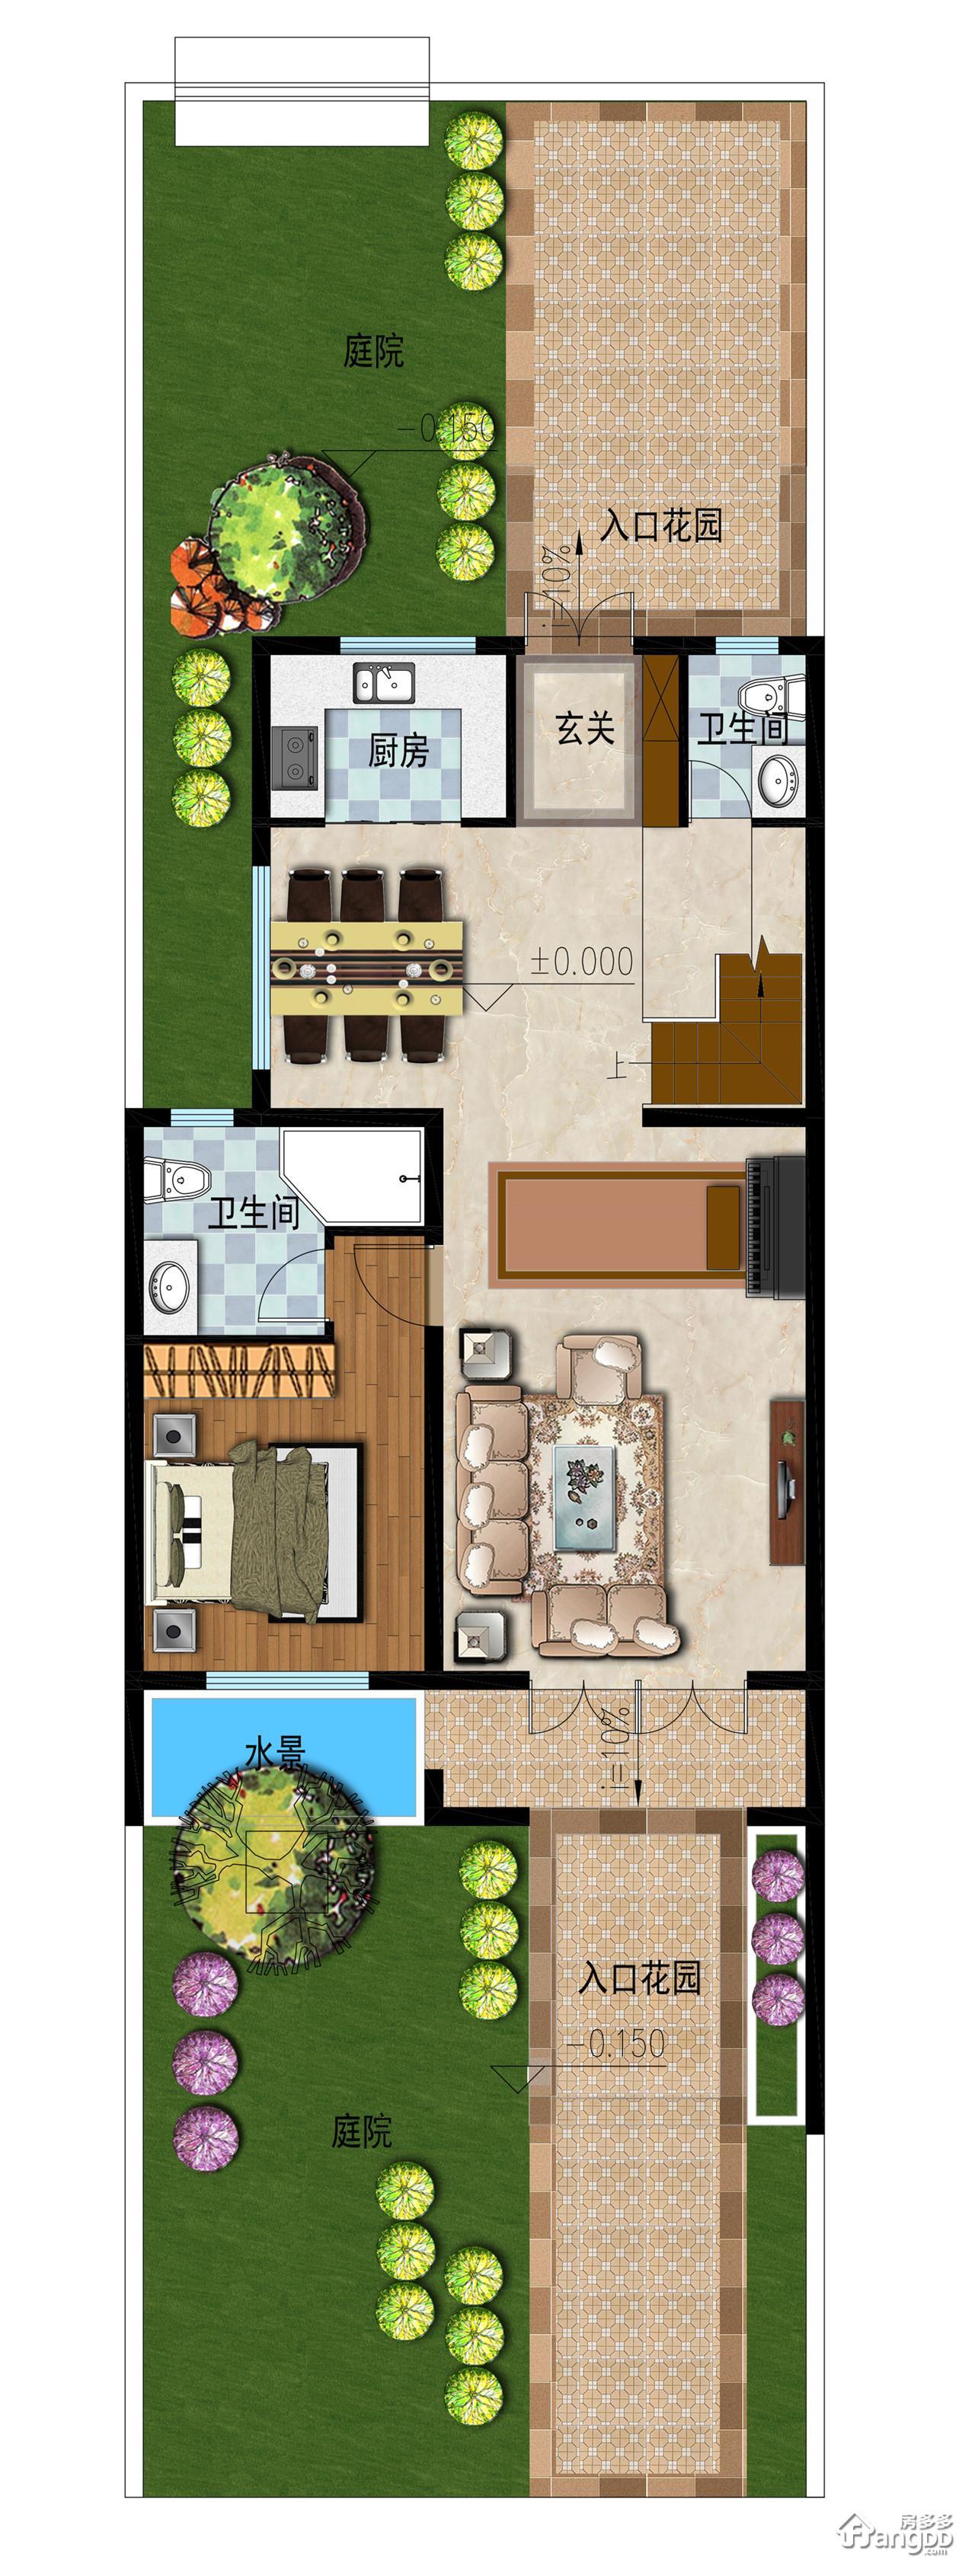 雨润太阳城4室2厅4卫户型图